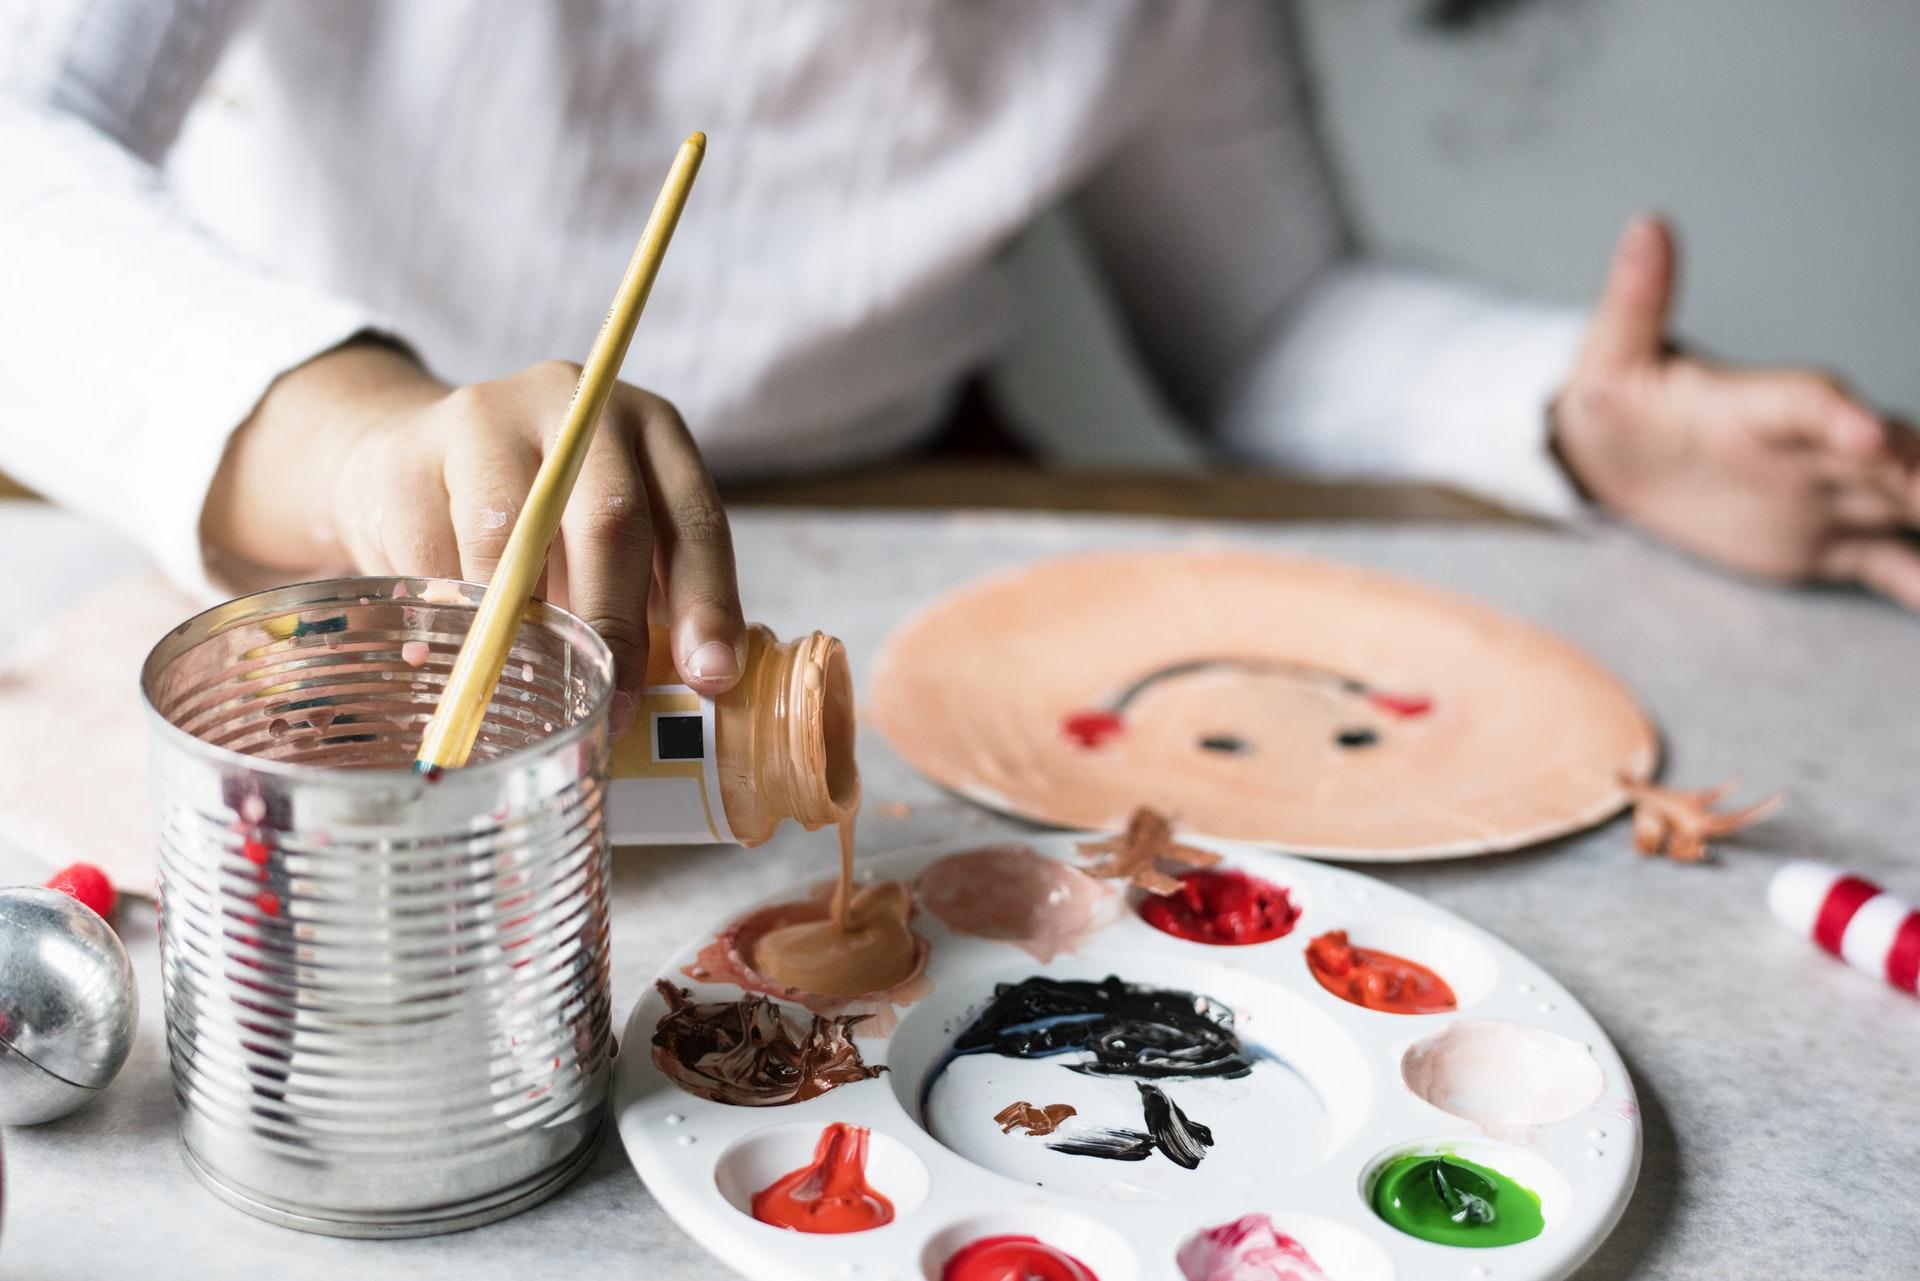 Дитяча творчість: створюємо безпечні дитячі фарби своїми руками